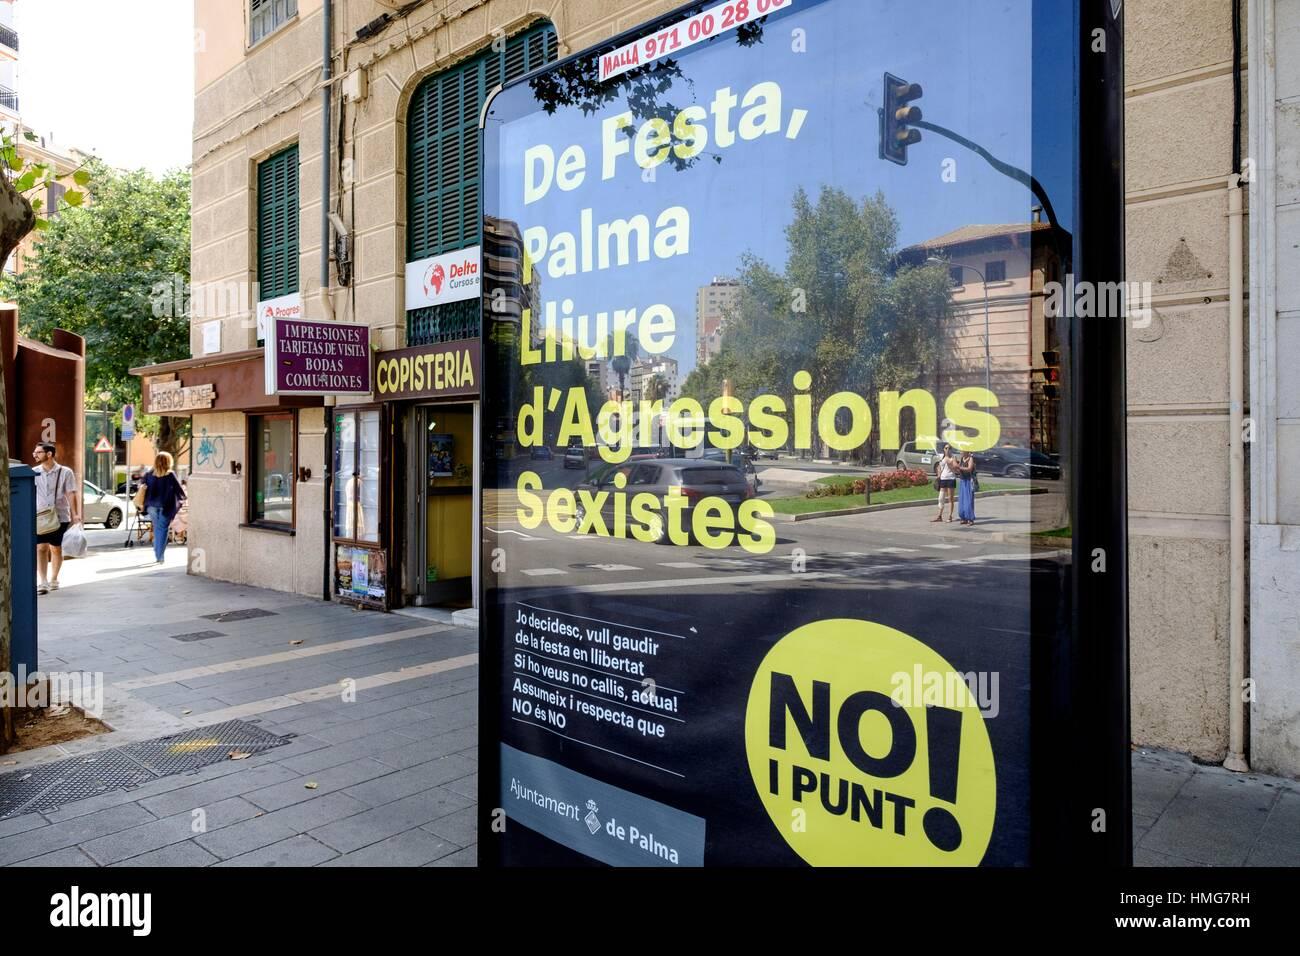 Cartello para fomentar el respeto y prevencion de agresiones sexuales, Palma di Maiorca, isole Baleari, Spagna Immagini Stock